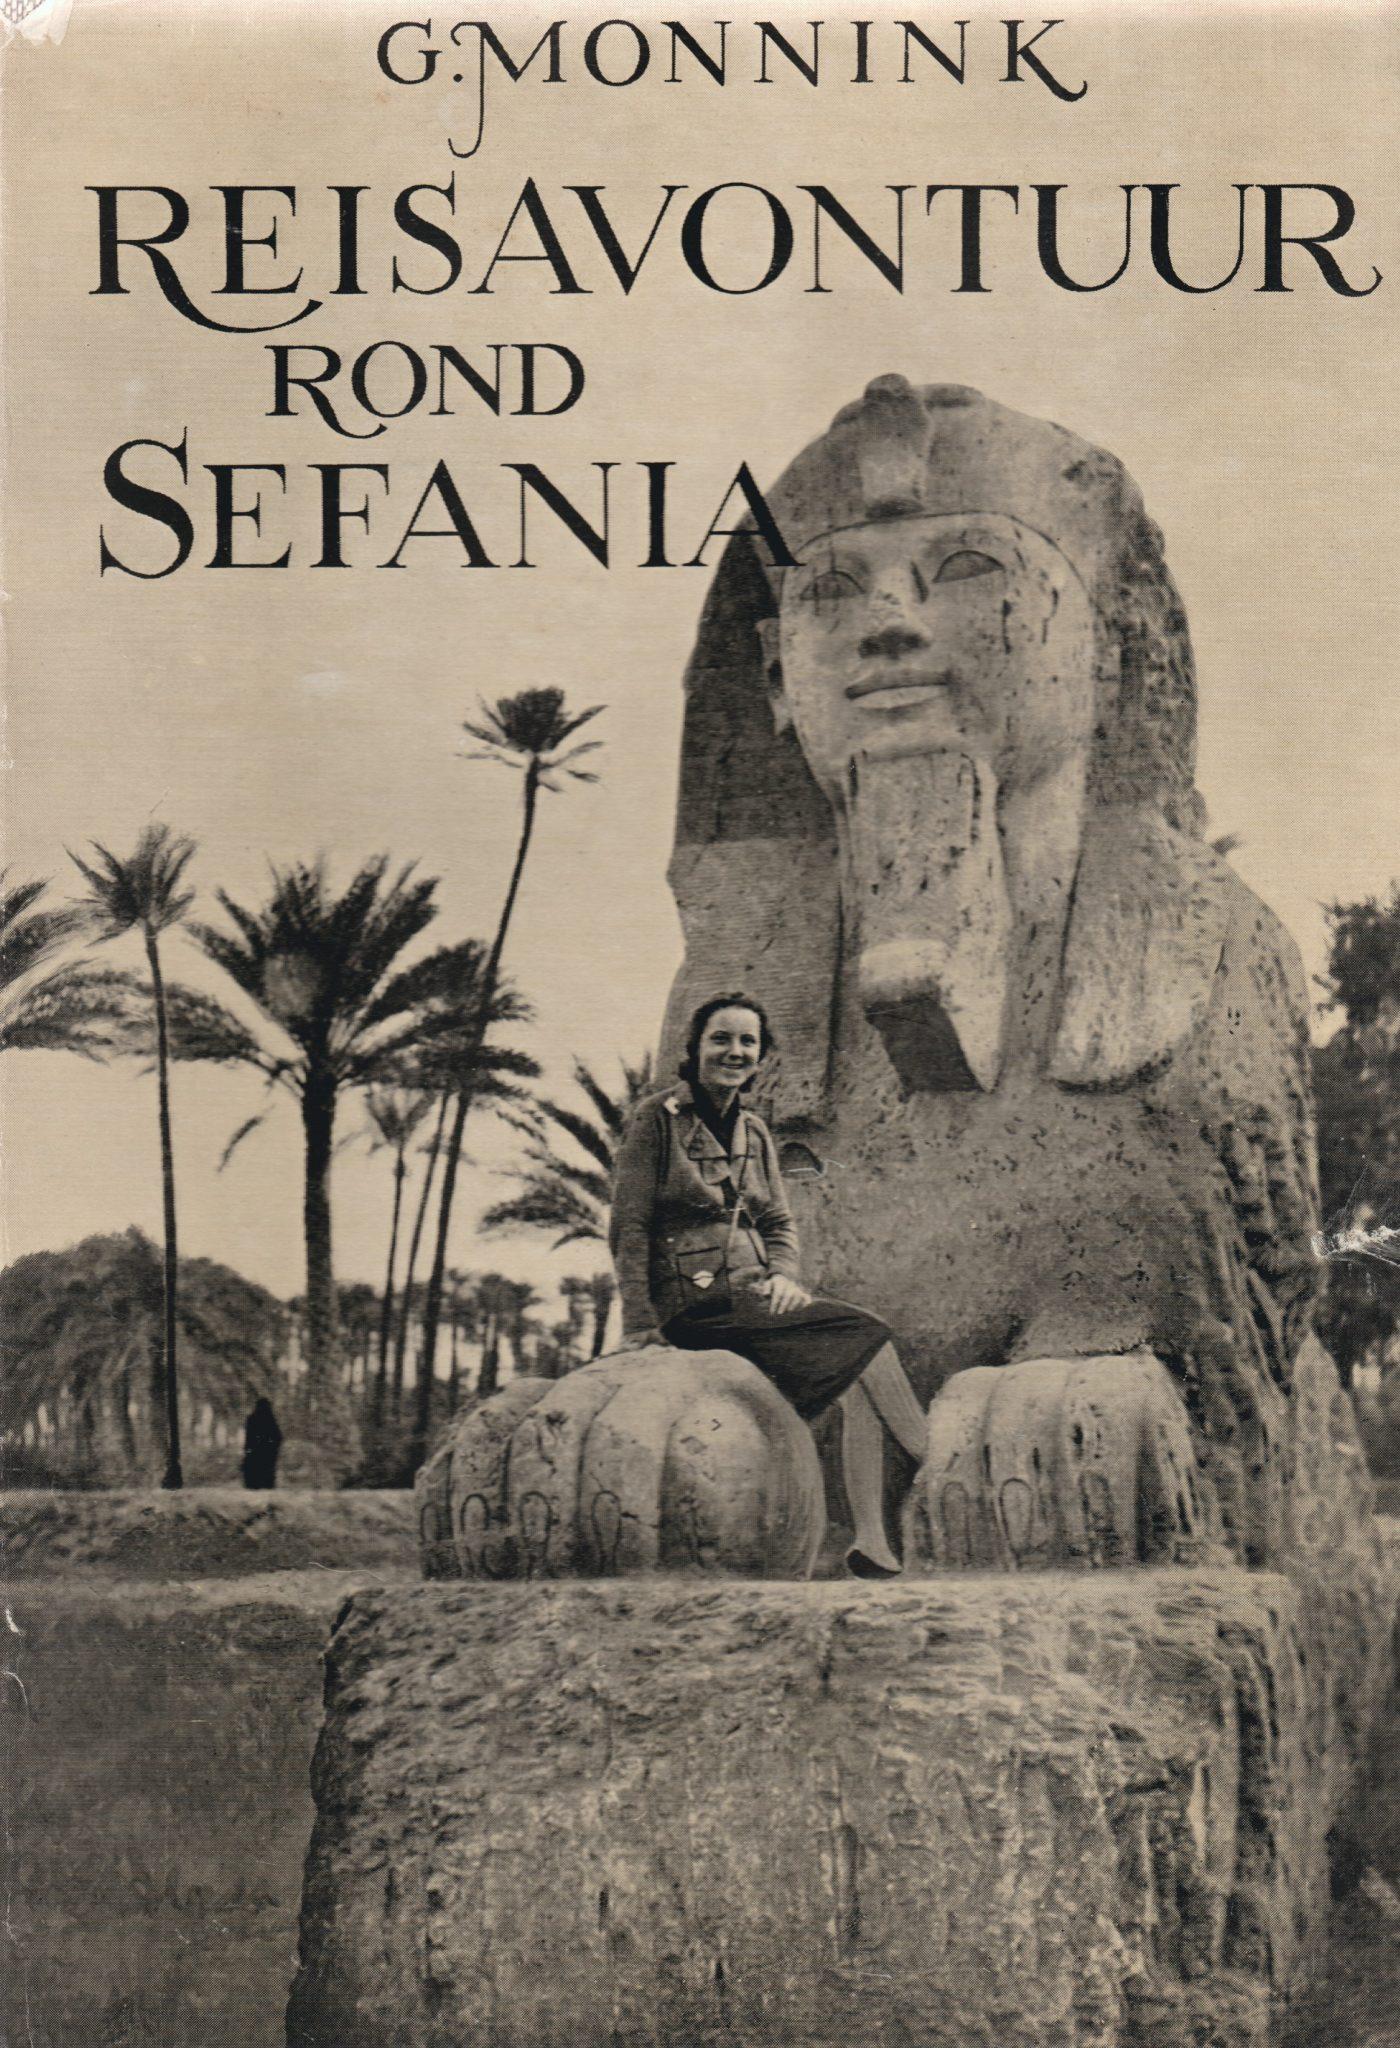 Citaten Rond Boeken : Reisavontuur rond sefania reis boek